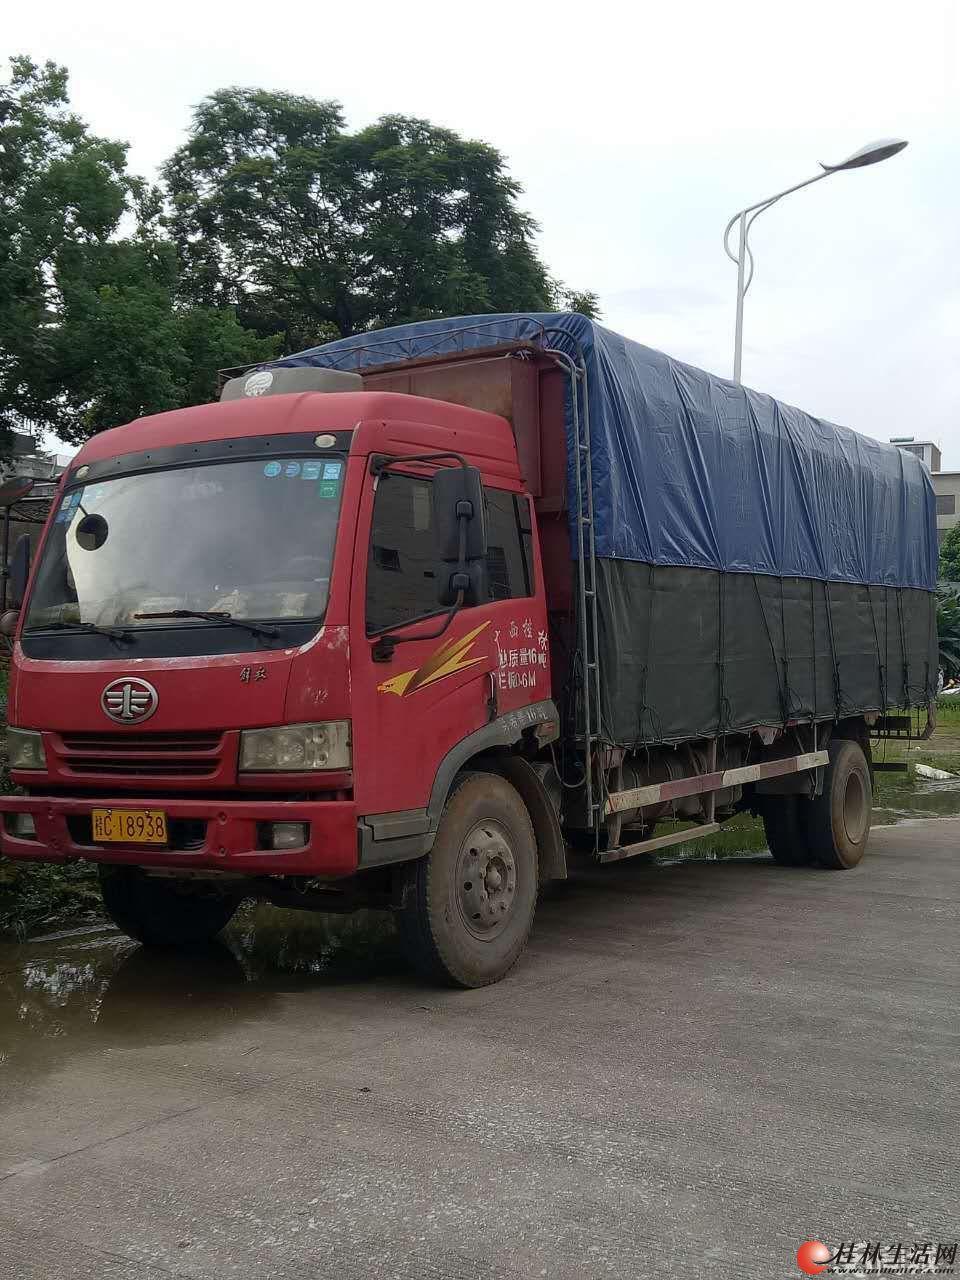 低价转让一汽解放6米8货车